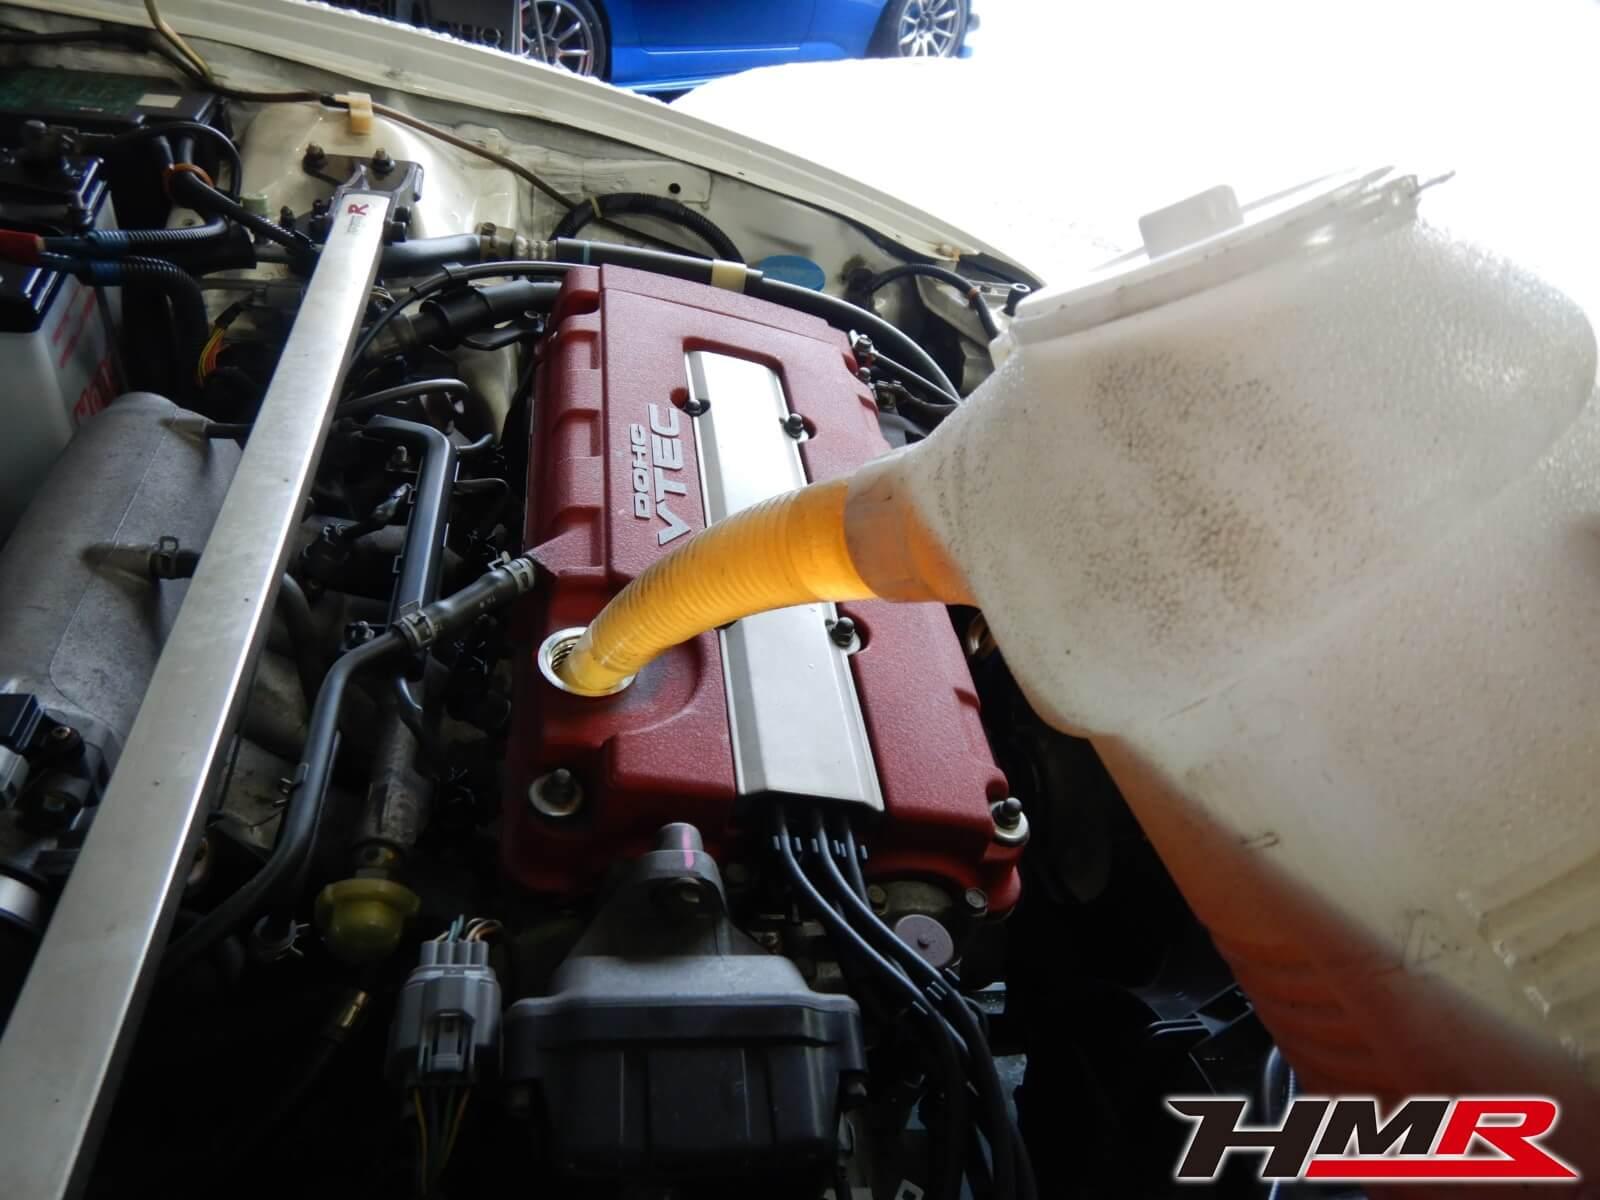 インテグラタイプRセダン DB8 エンジンオイル交換